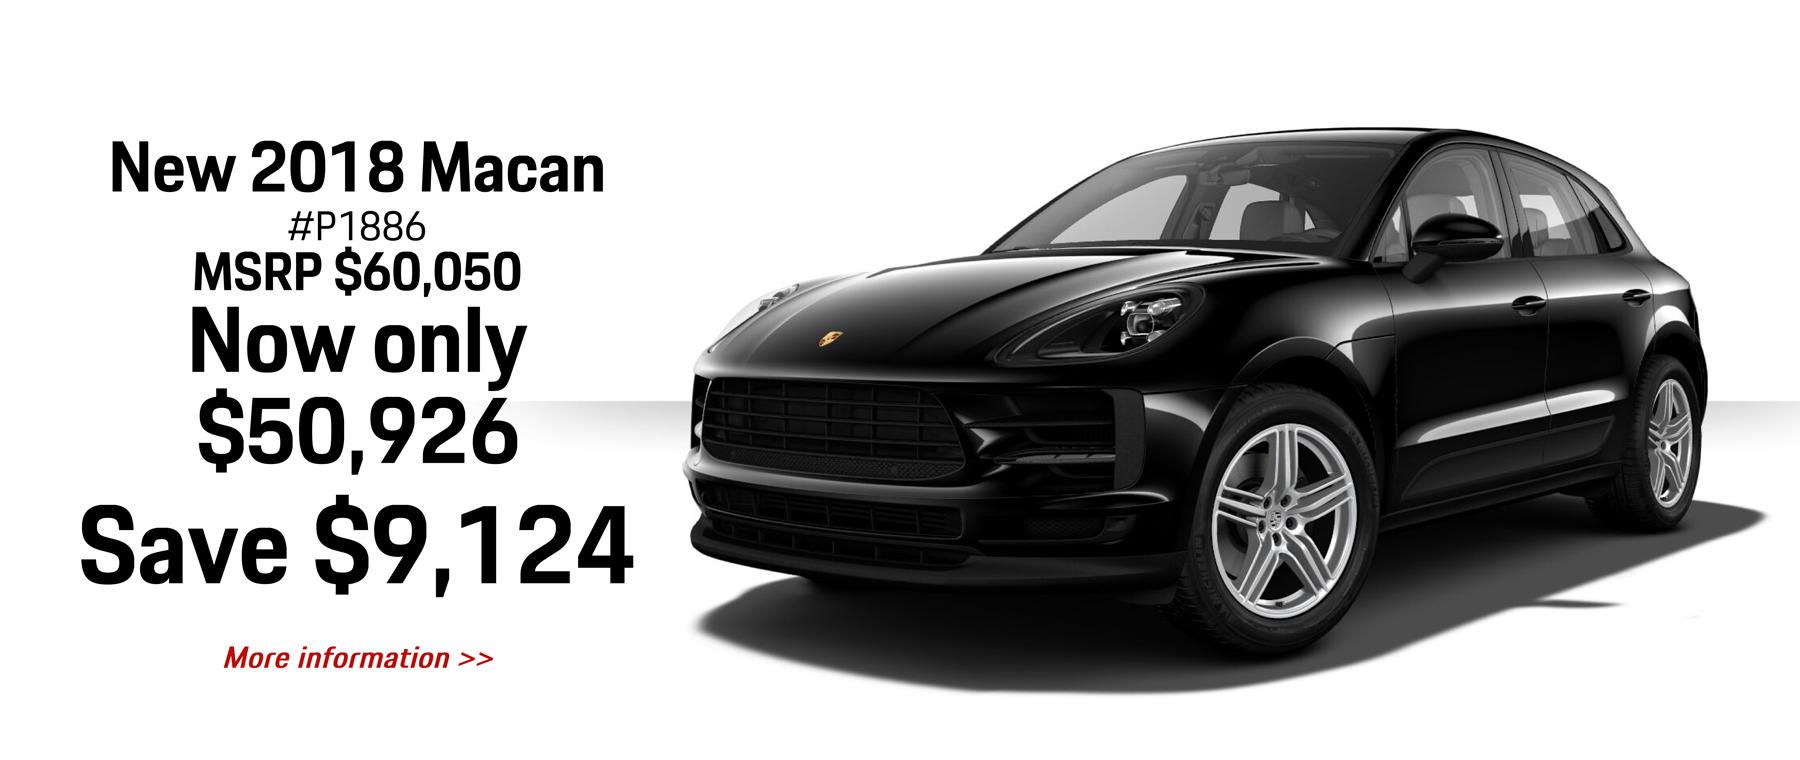 Autohaus Lancaster Porsche | Porsche Dealer in Lancaster, PA